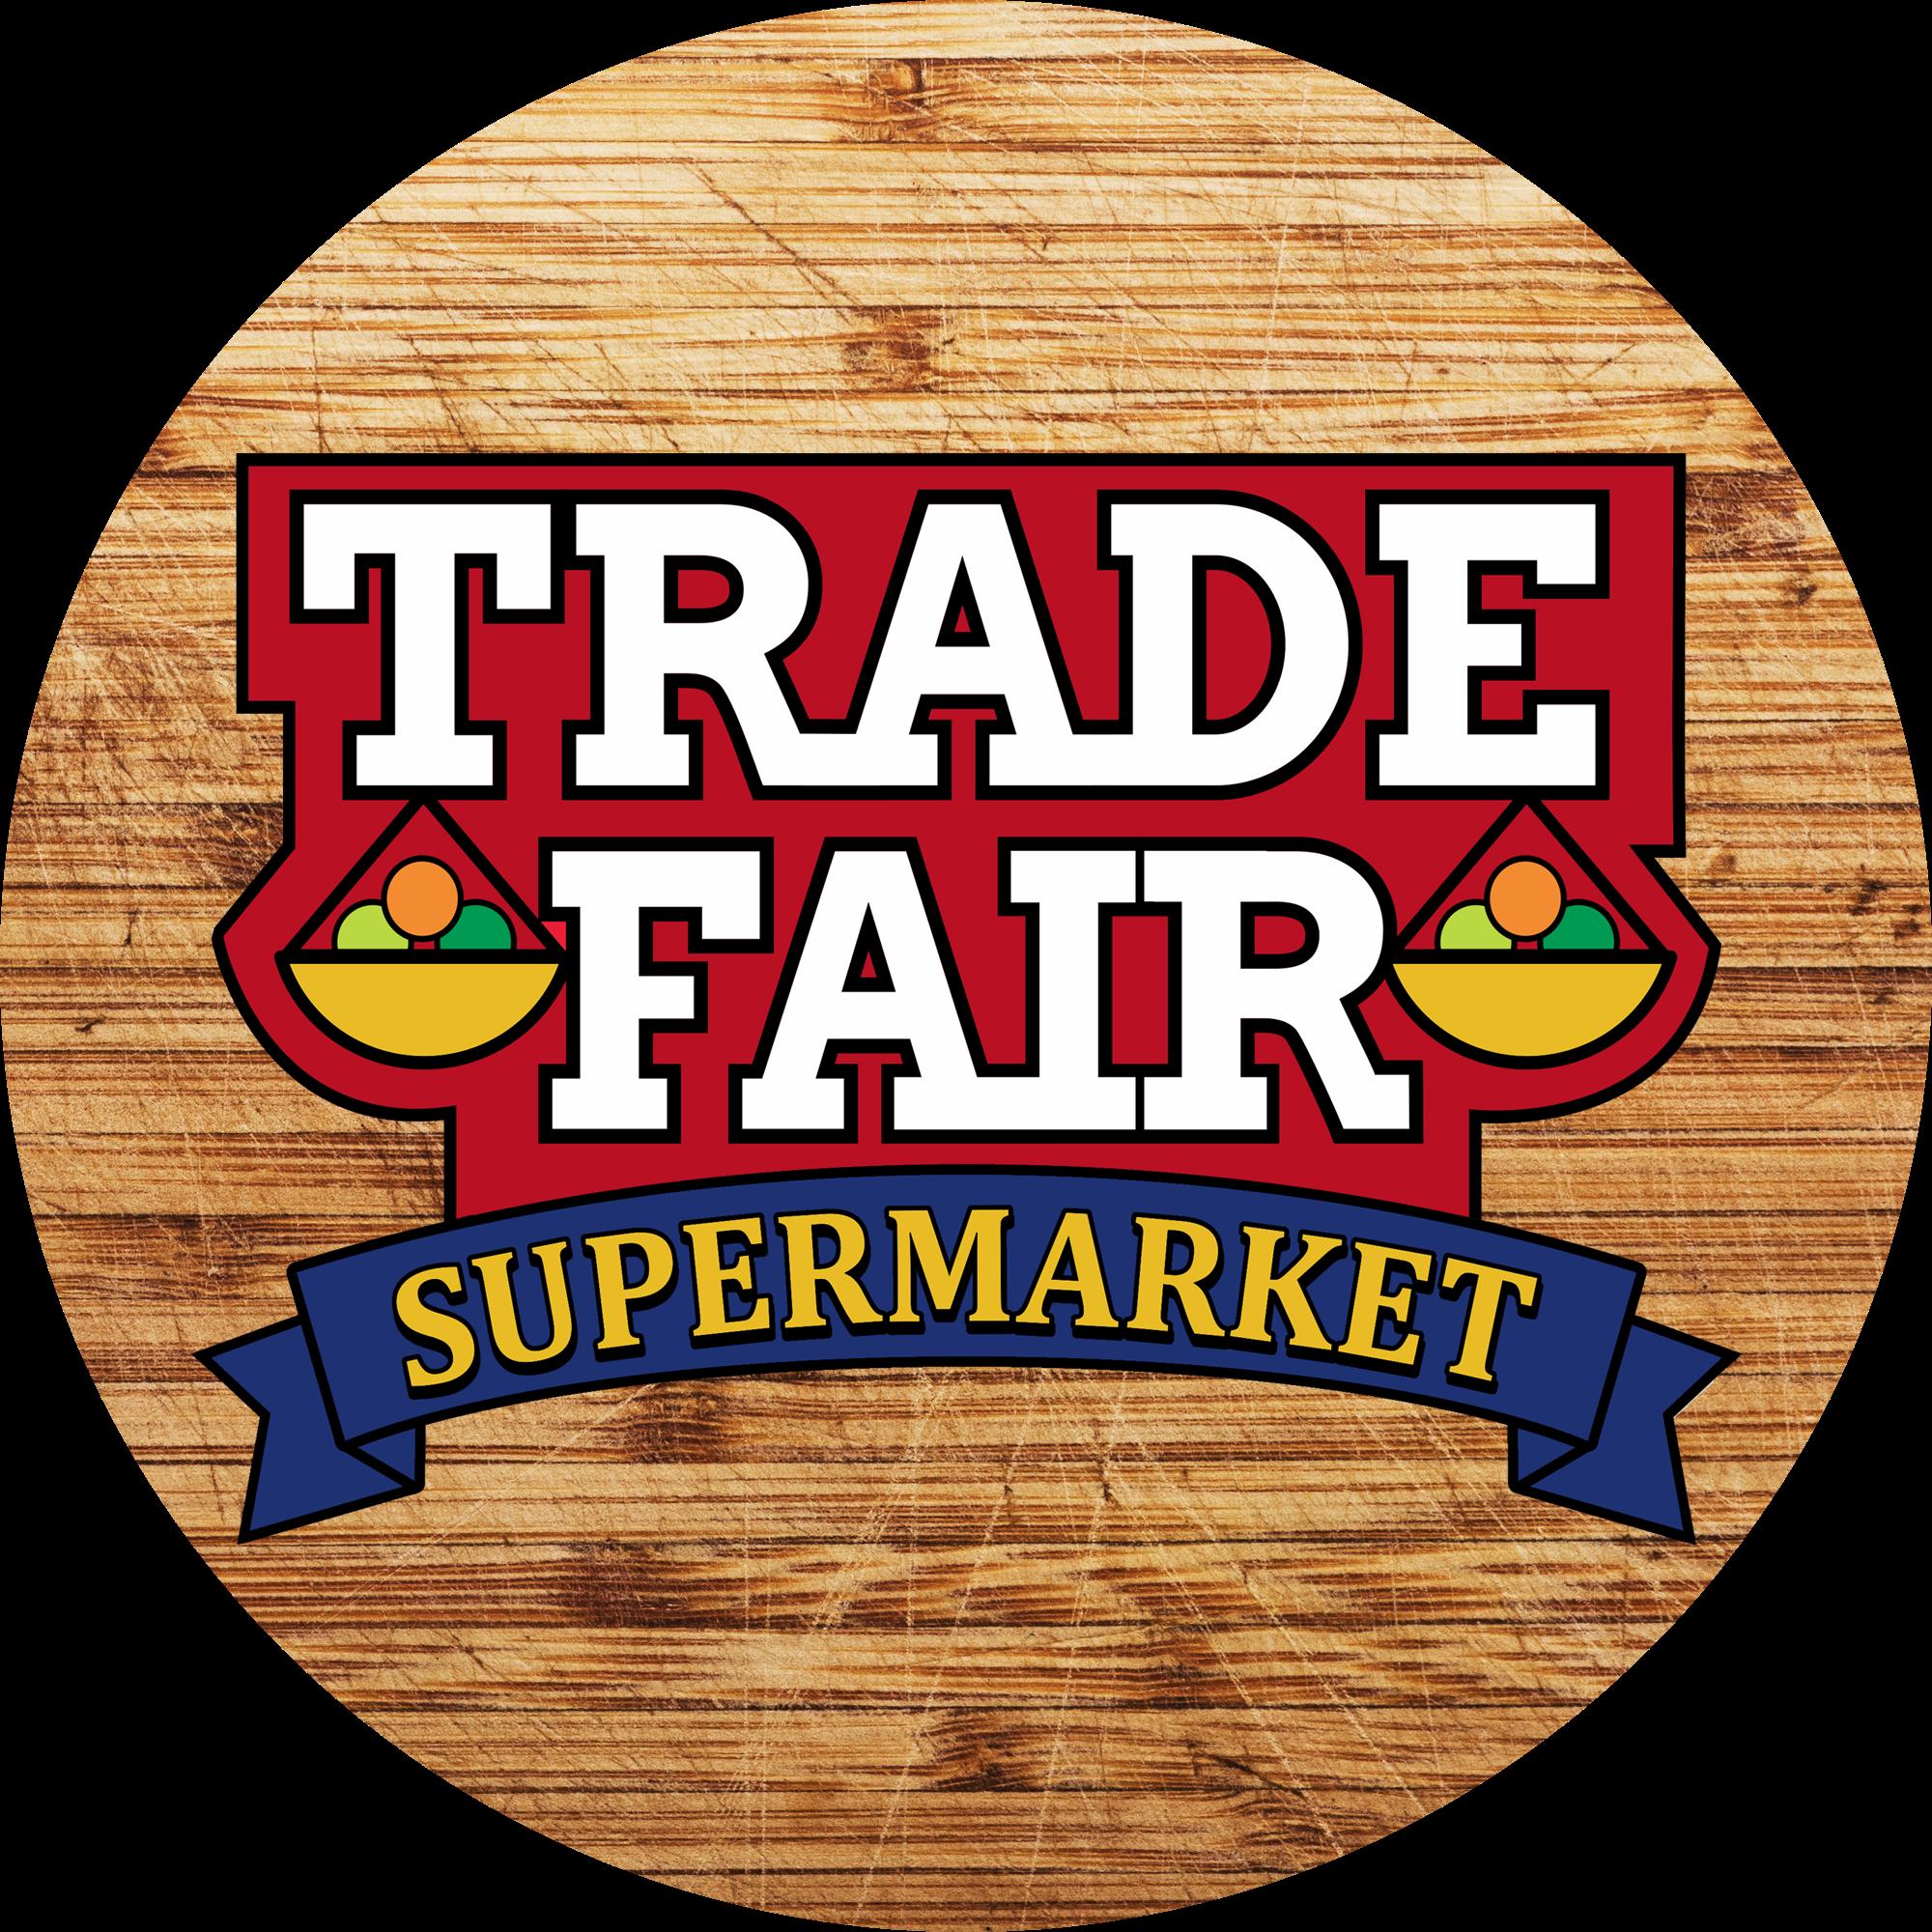 Trade Fair Supermarket logo